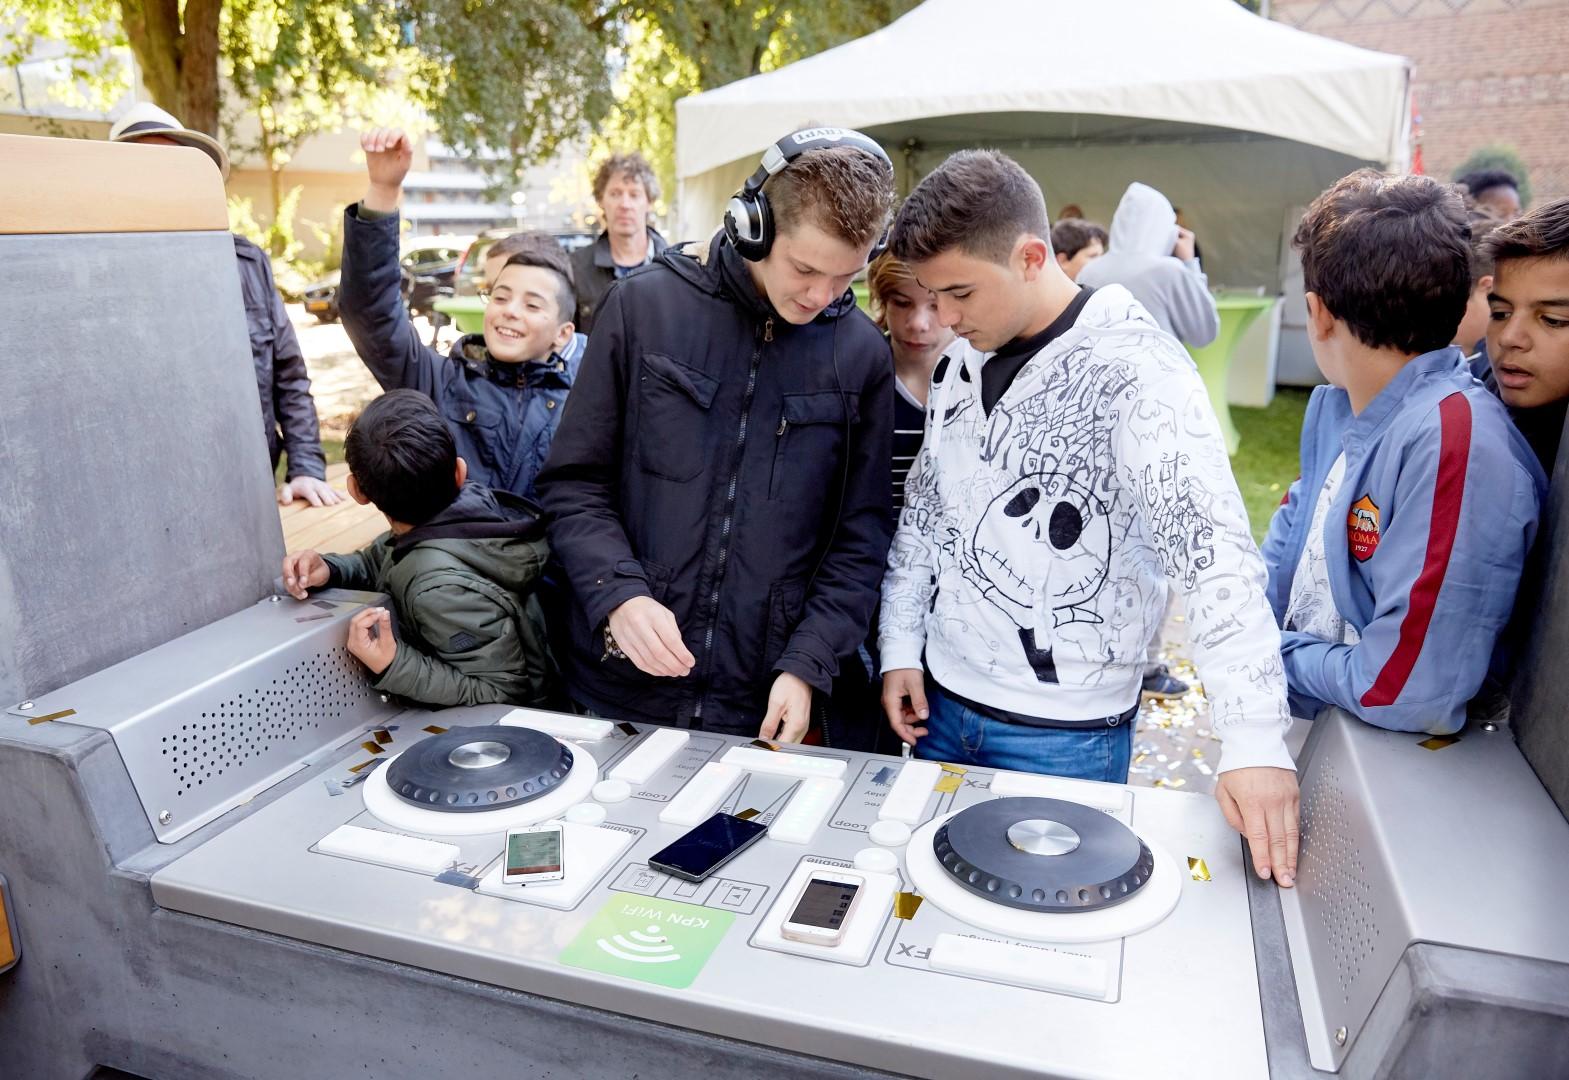 DEN HAAG, 5 oktober 2016. Opening eerste jongerenplek met DJ-functionaliteit en wifi. Wethouder Ingrid van Engelshoven opent de eerste Fono oftewel een dj-draaitafel met gratis wifi op de Robijnhorst in de wijk Mariahoeve. Door een telefoon op de draaitafel te leggen, wordt muziek versterkt en kan eigen muziek gemixt worden. Het maximale volume is voor de buurtbewoners begrensd en 's avonds staat de DJ-tafel uit. Jongerenambassadeurs hadden aangegeven dat zij graag zo'n plek wilde hebben. FOTO MARTIJN BEEKMAN